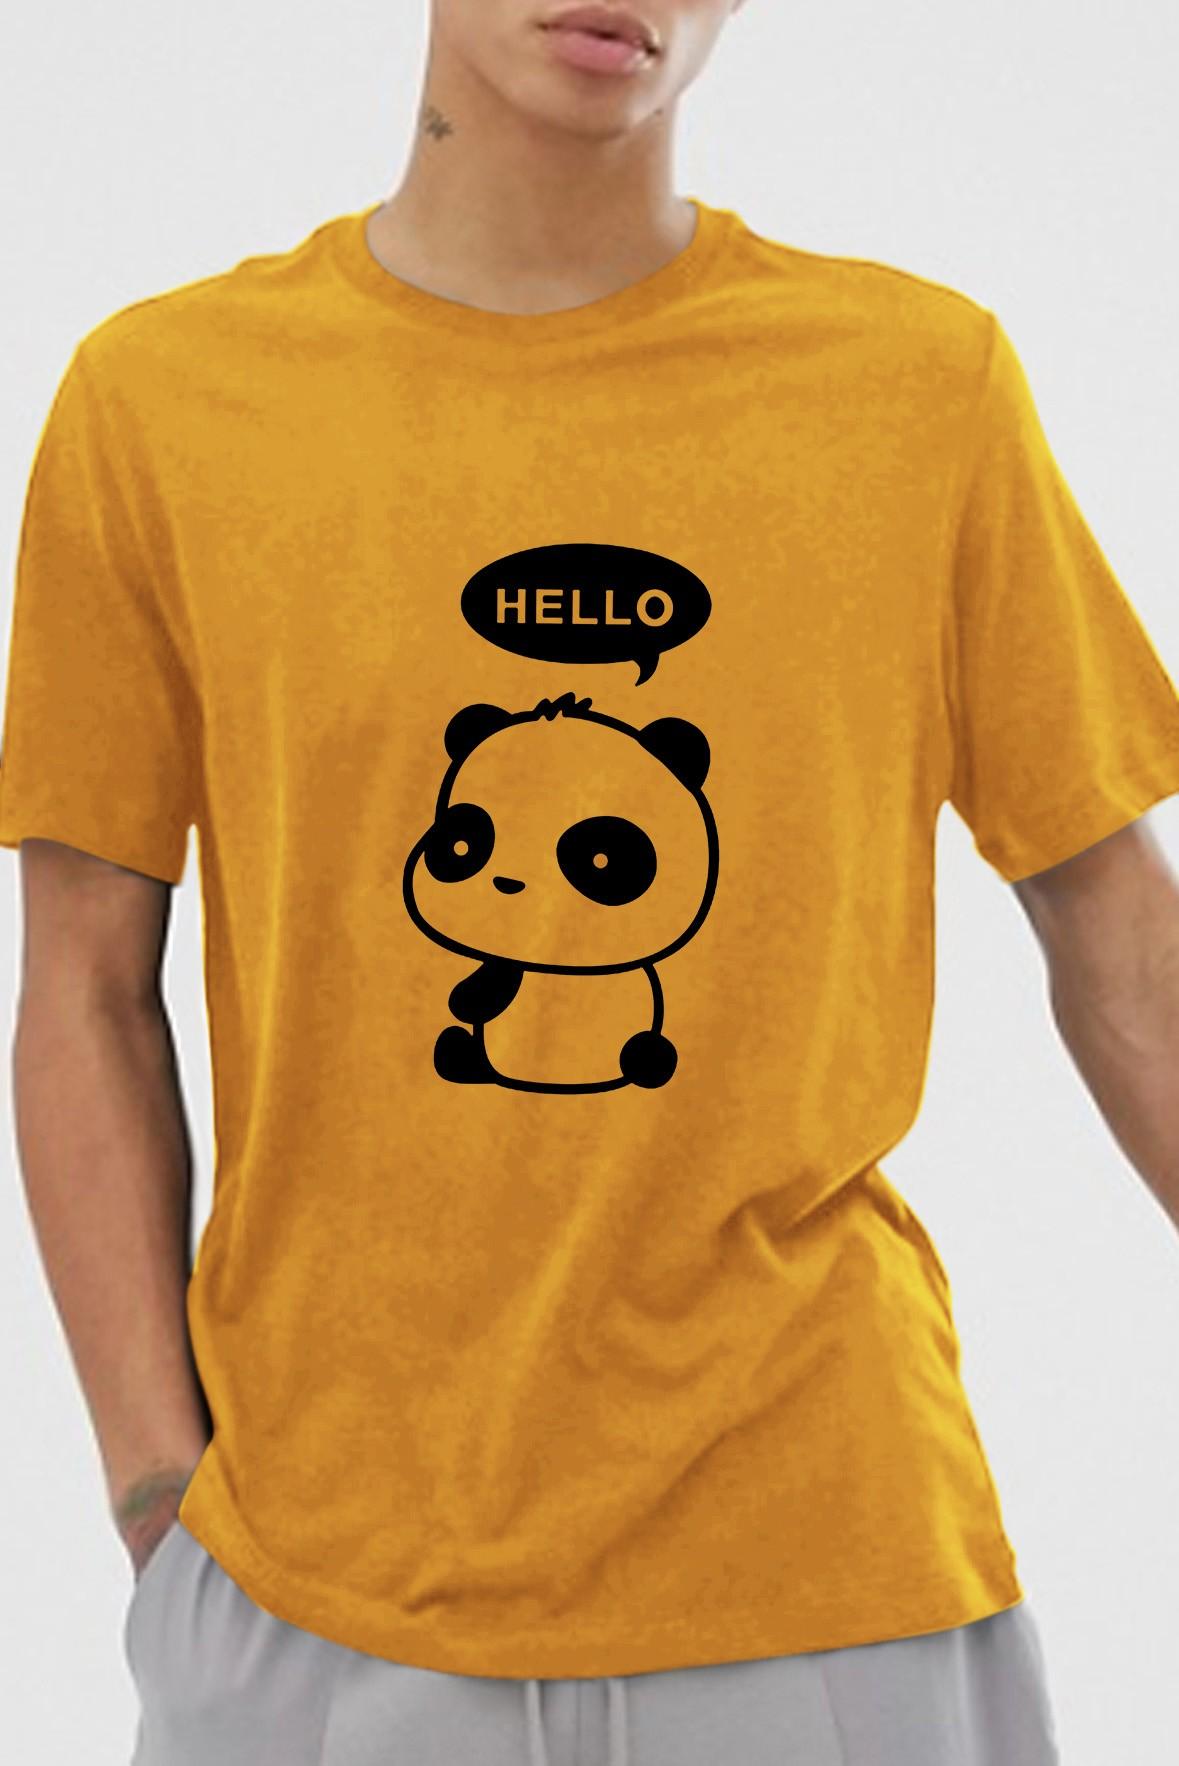 Hello mustard